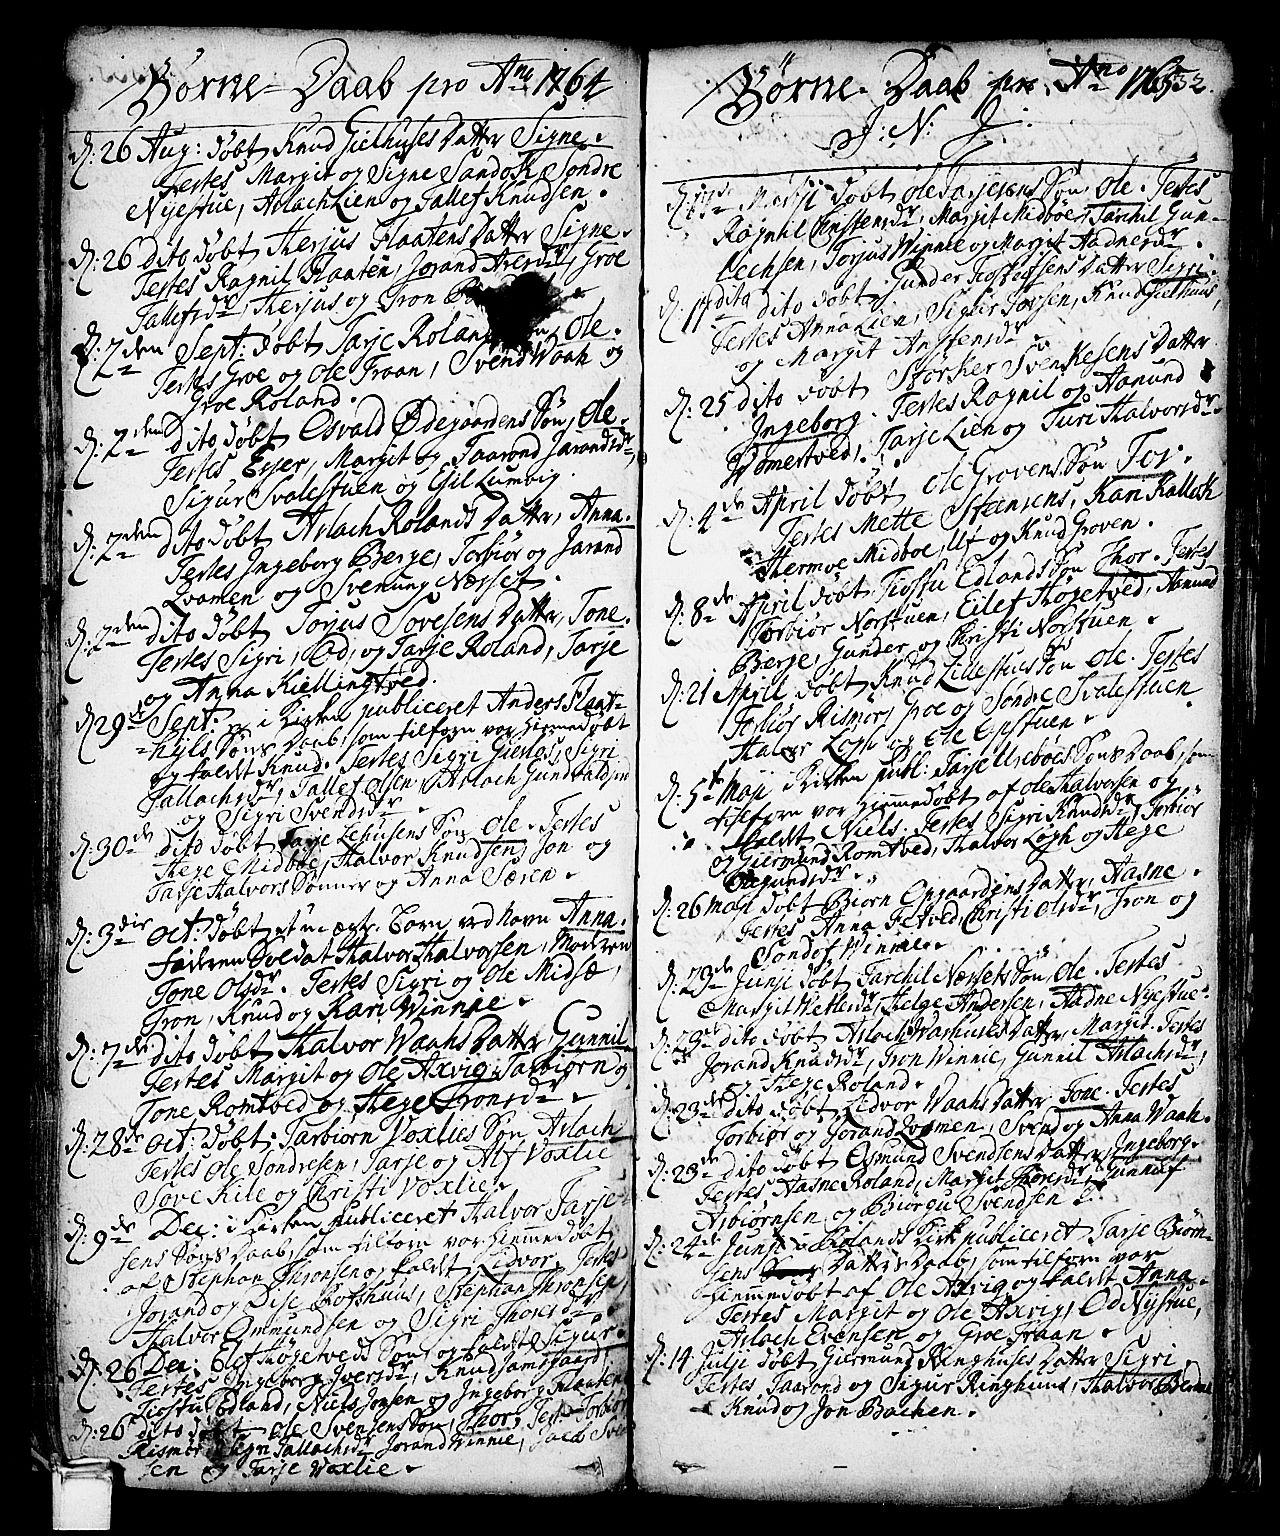 SAKO, Vinje kirkebøker, F/Fa/L0001: Ministerialbok nr. I 1, 1717-1766, s. 132